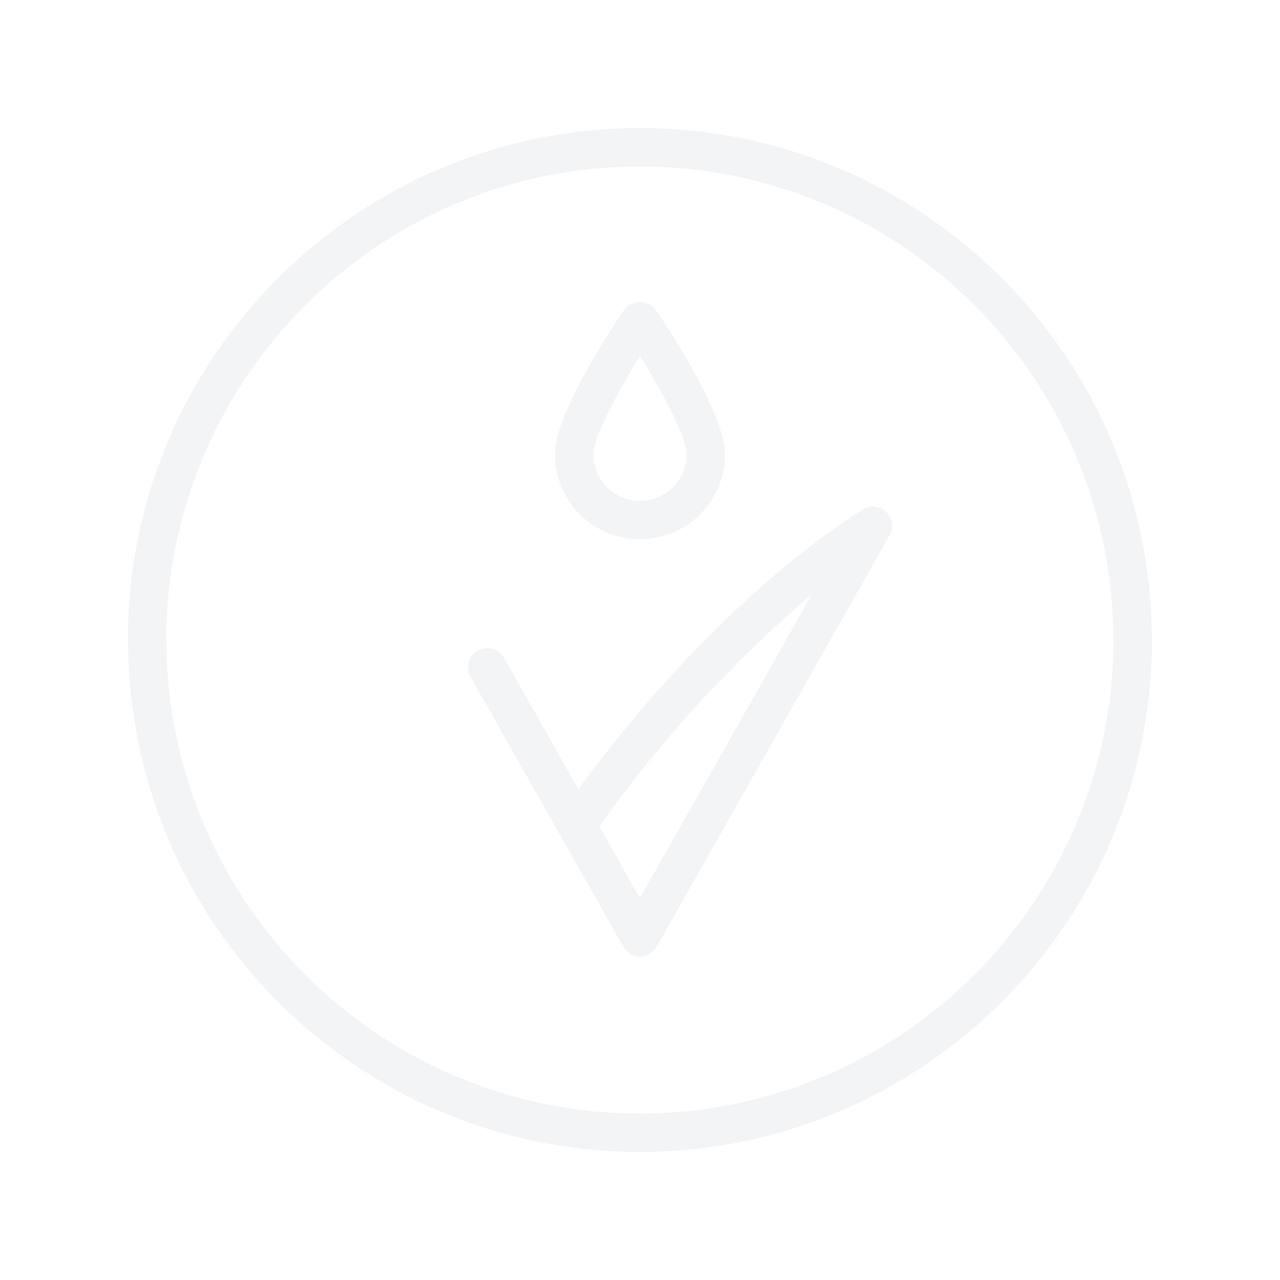 Paco Rabanne 1 Million 100ml Eau De Toilette Gift Set